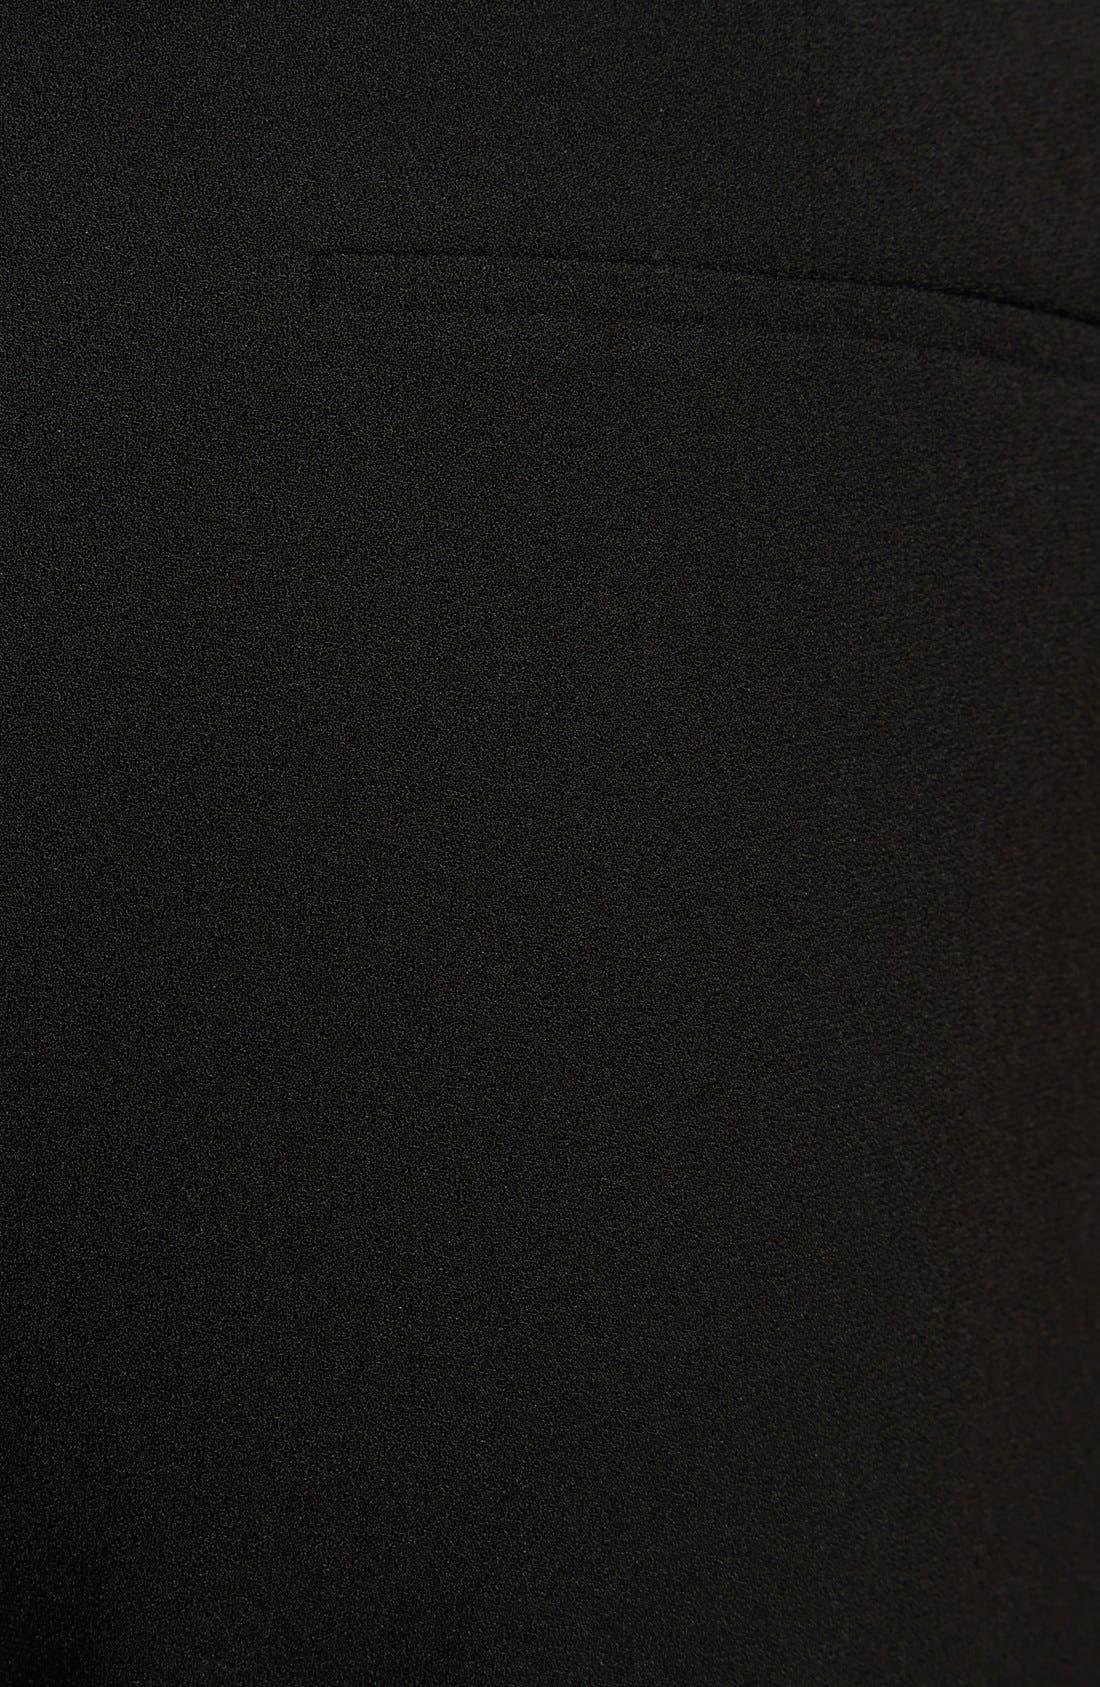 Alternate Image 3  - Elie Tahari 'Lina' Crepe Pants